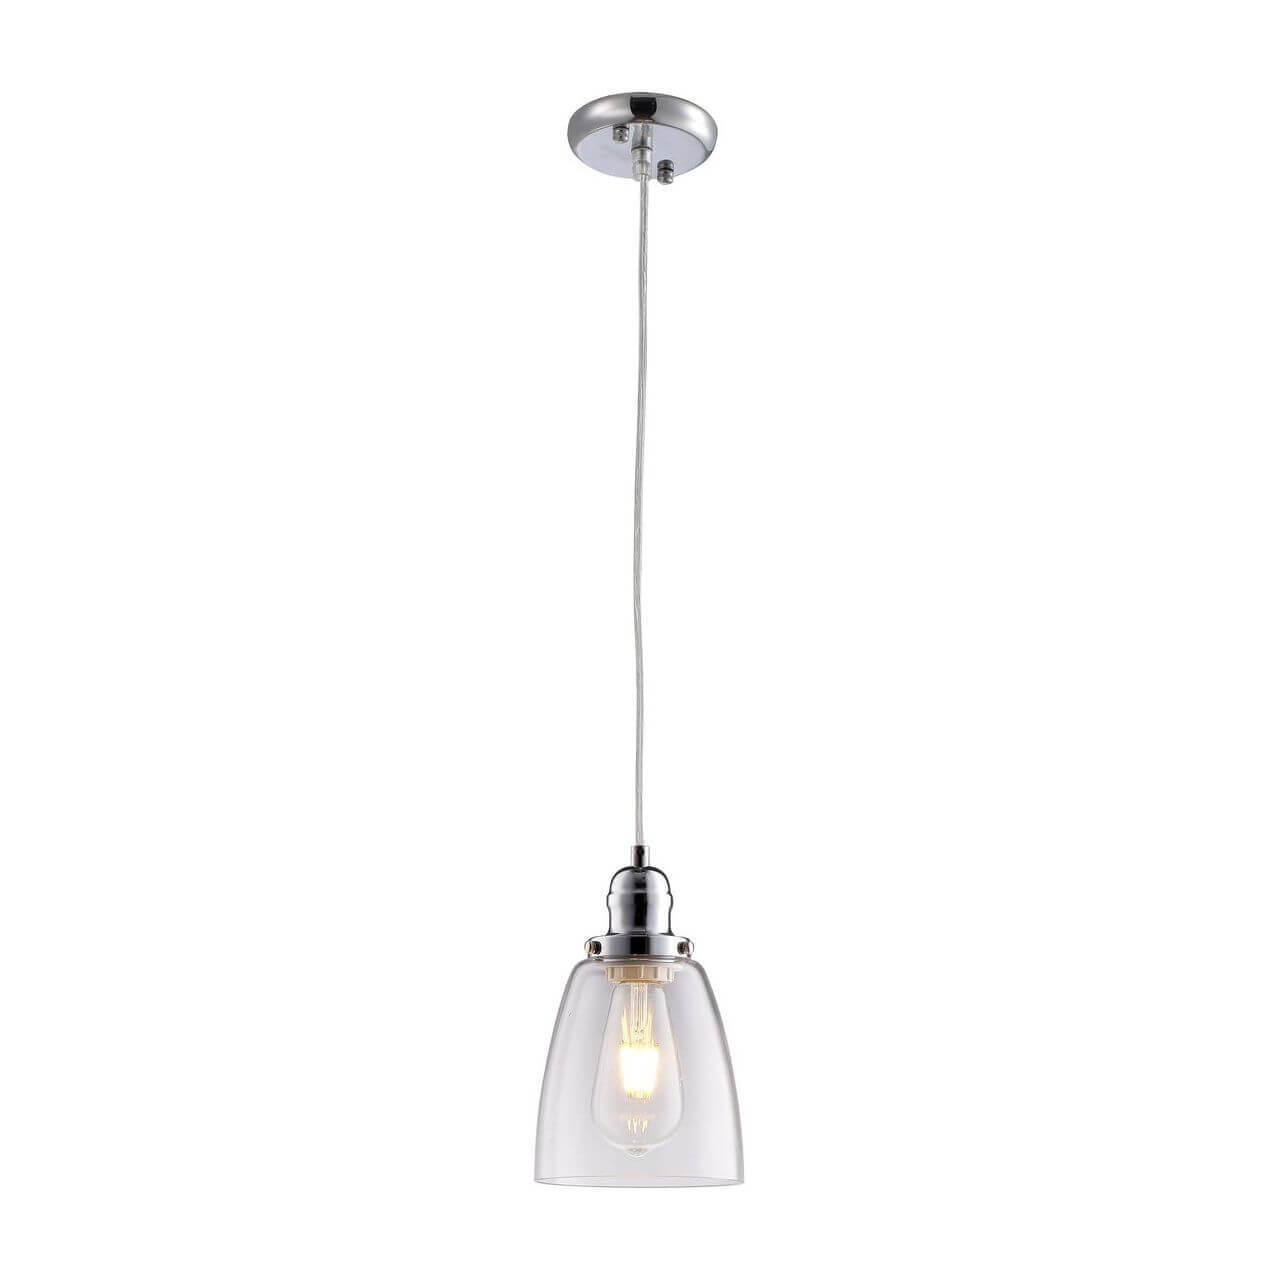 Подвесной светильник Arte Lamp A9387SP-1CC подвесной светильник коллекция rimini a1091sp 1cc хром прозрачный arte lamp арте ламп